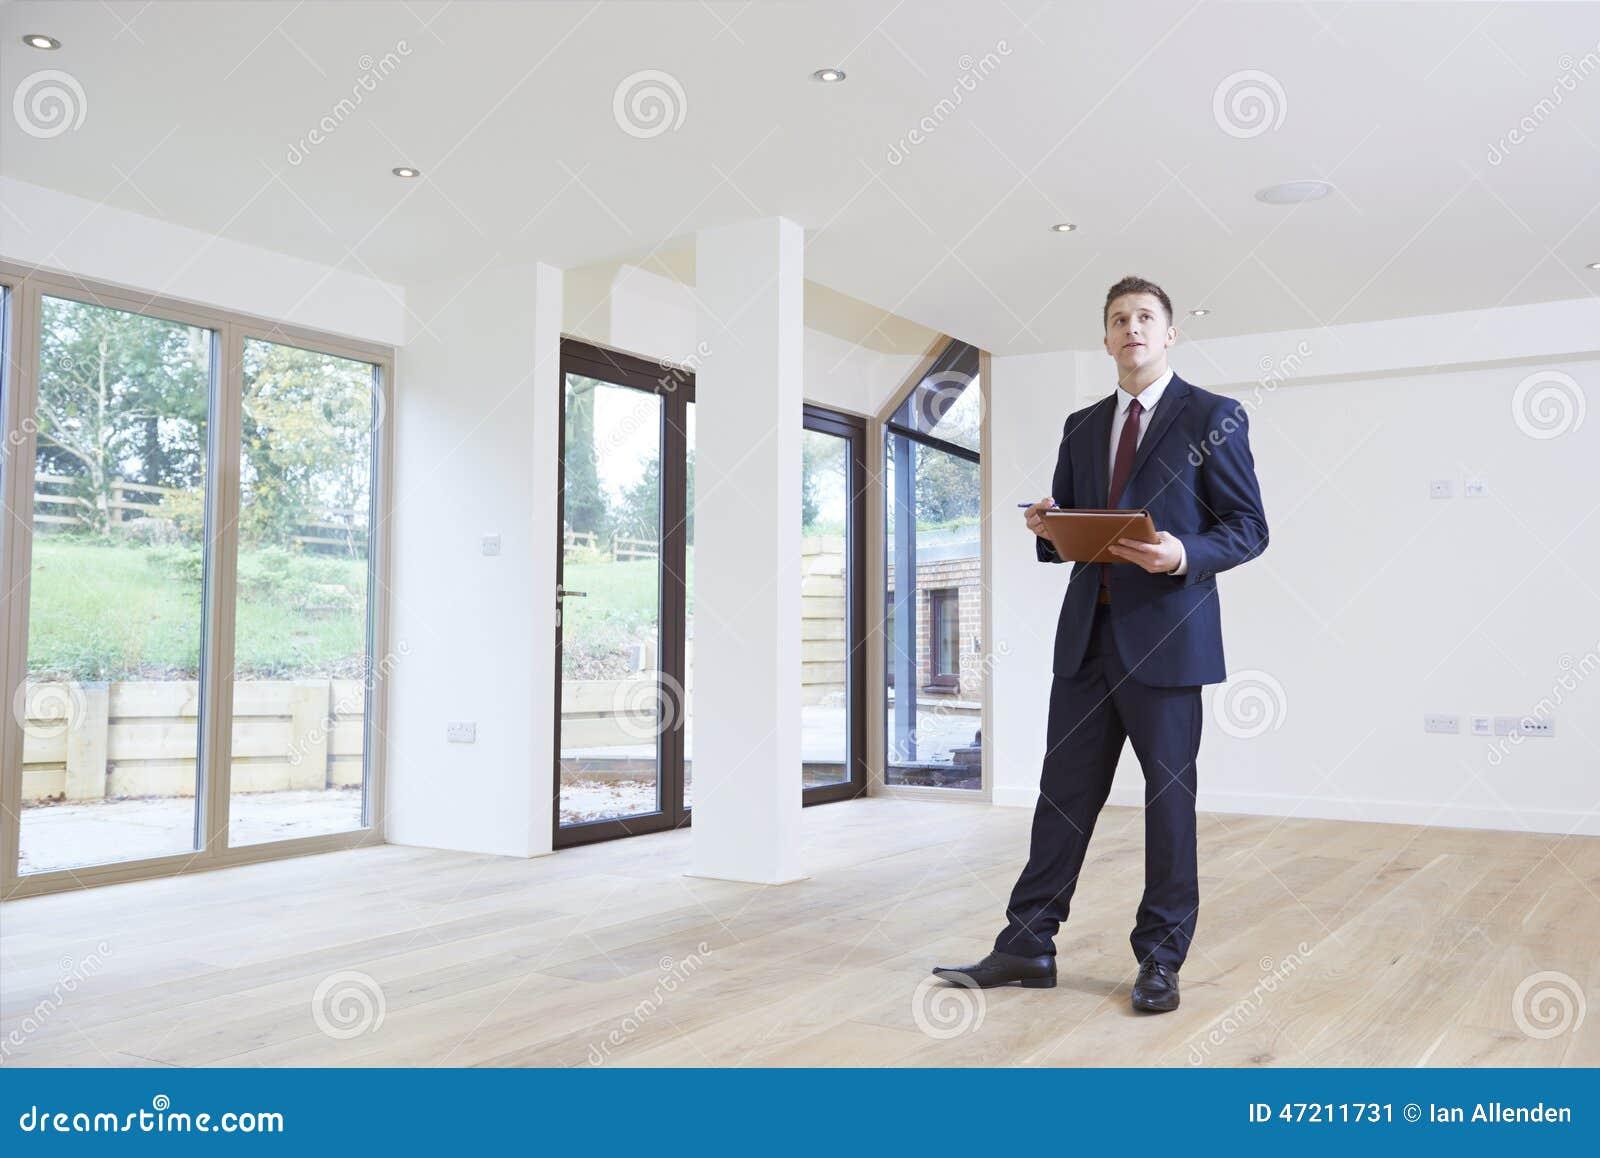 Propiedad de Looking Around Vacant del agente de la propiedad inmobiliaria para la evaluación